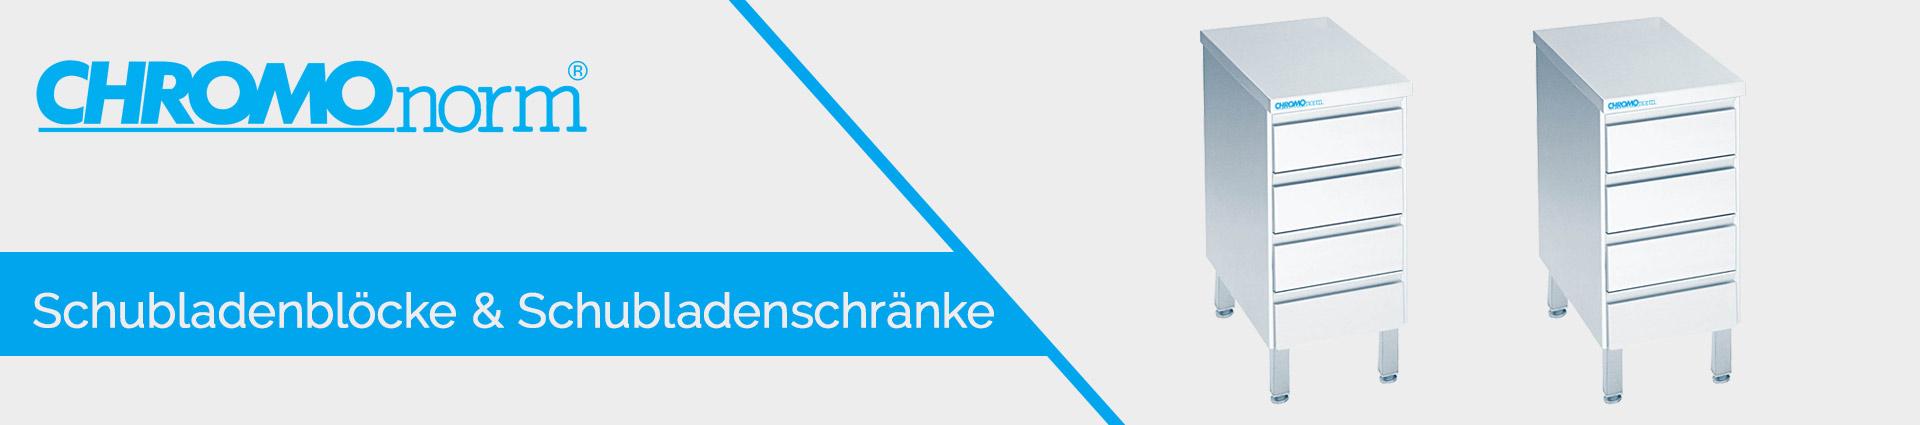 Chromonorm Schubladenblöcke & Schubladenschränke Banner